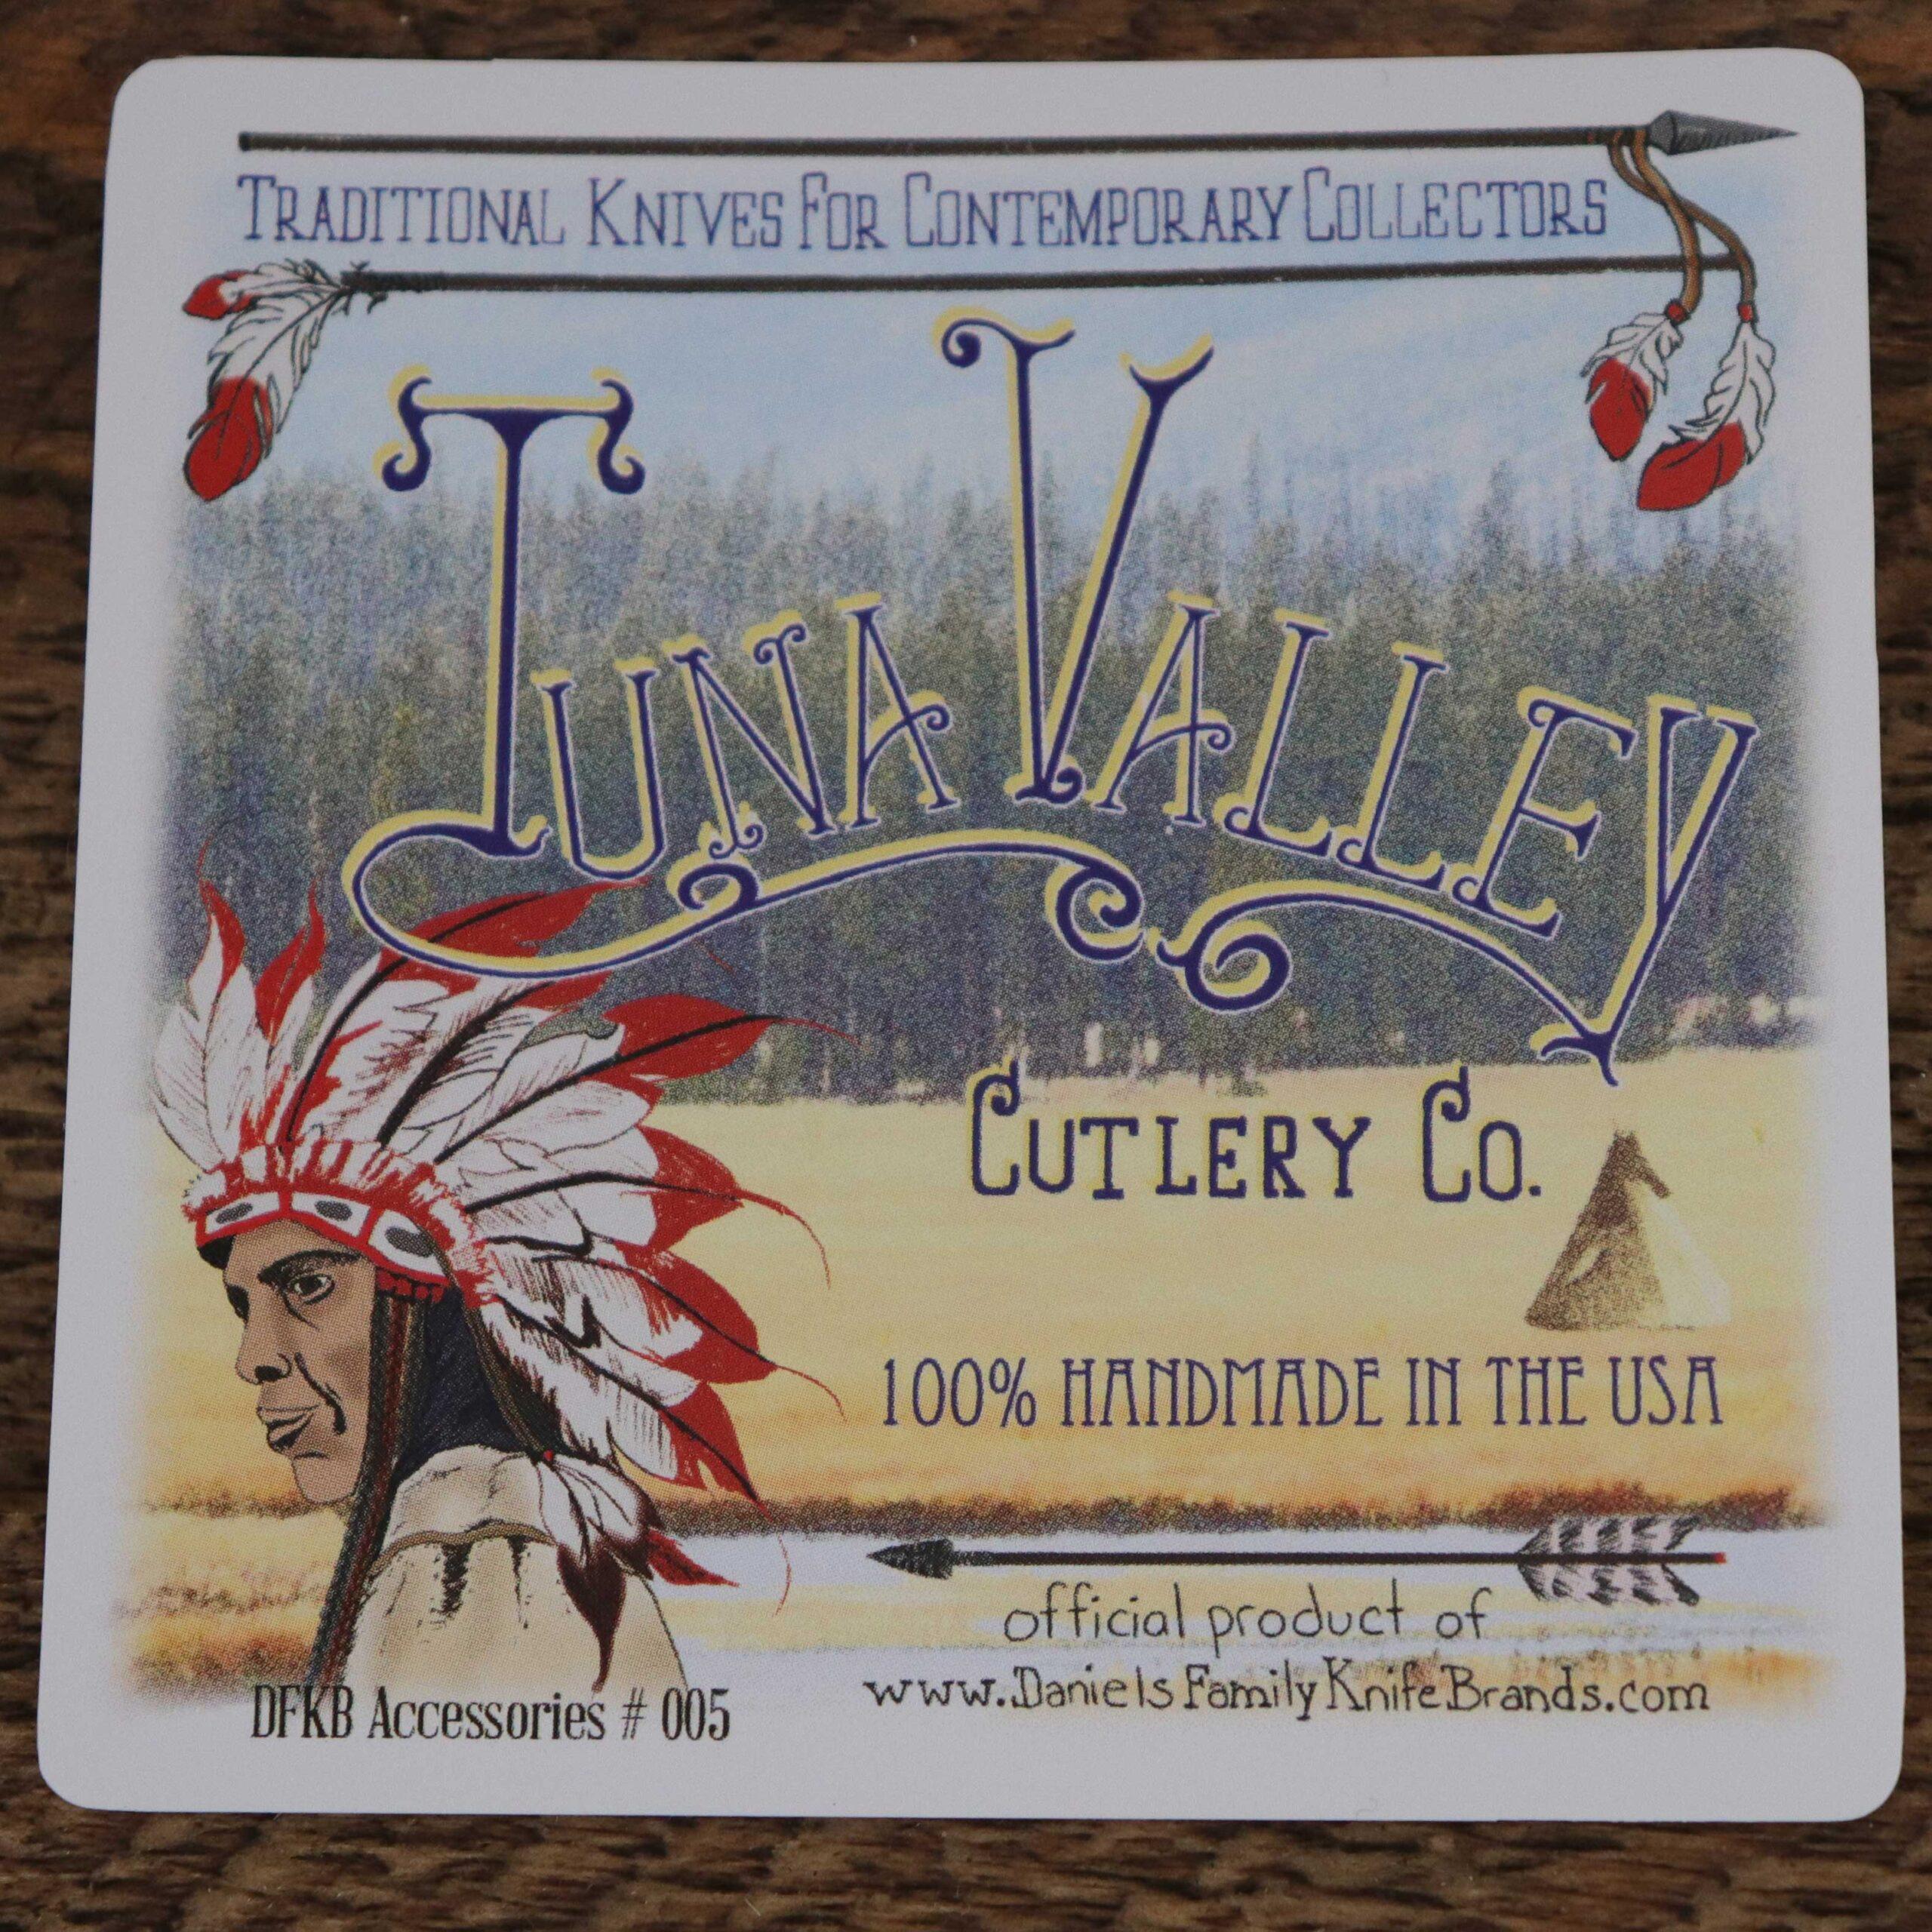 DFKB Accessories 005 - Tuna Valley sticker